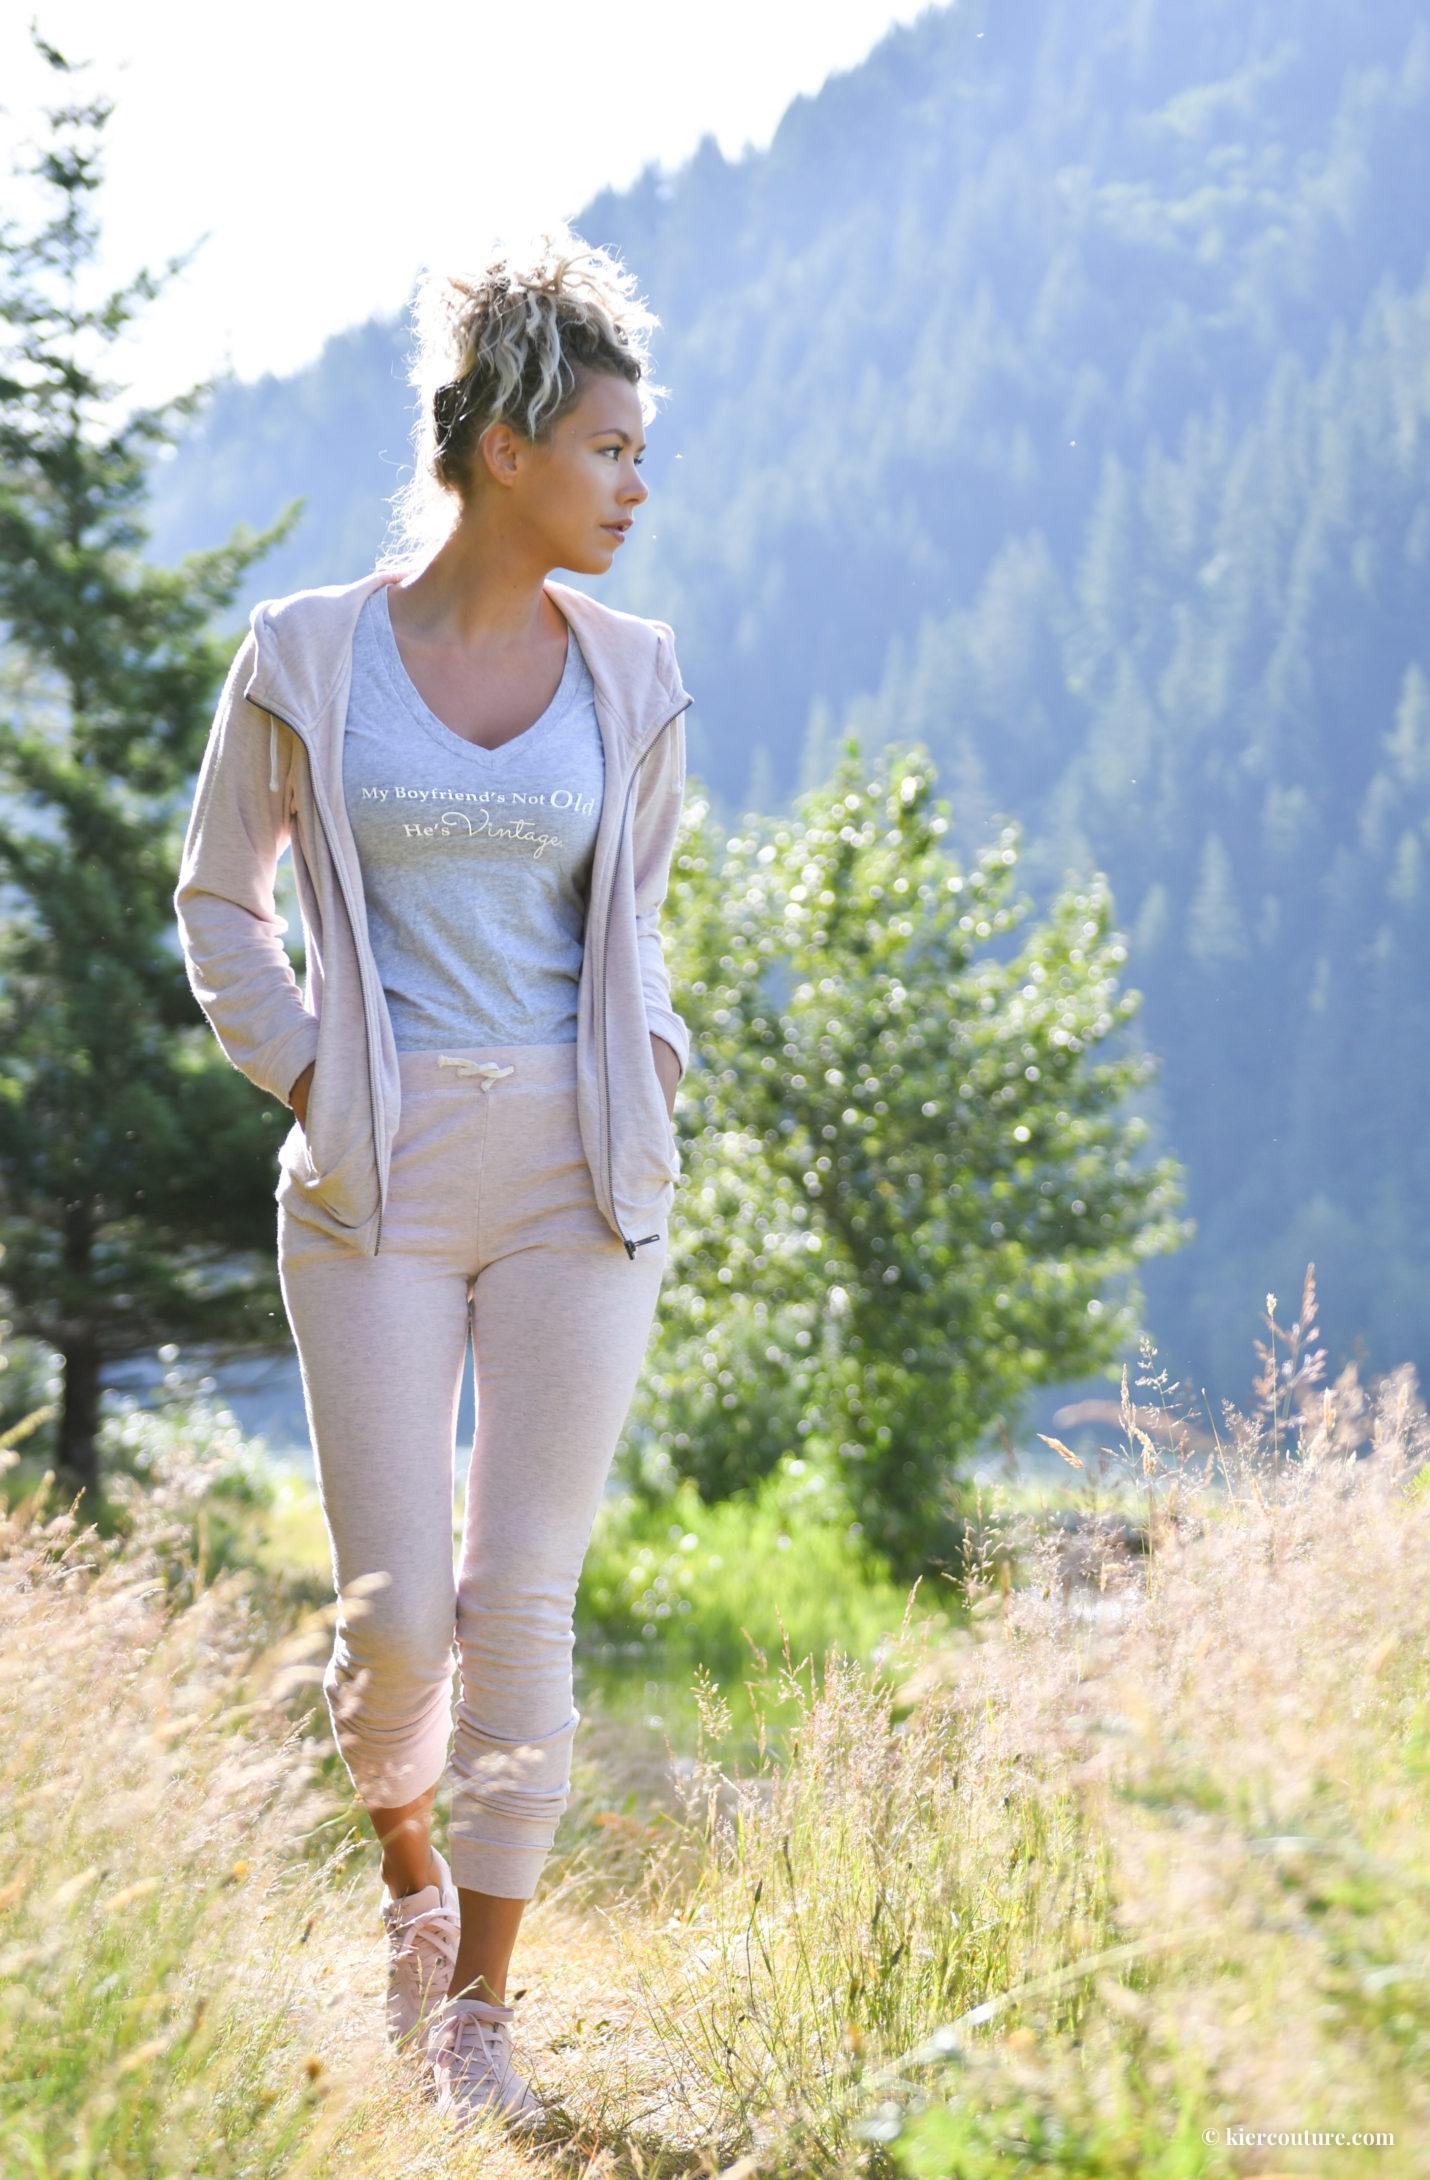 UGG cozy quartz slim jogger